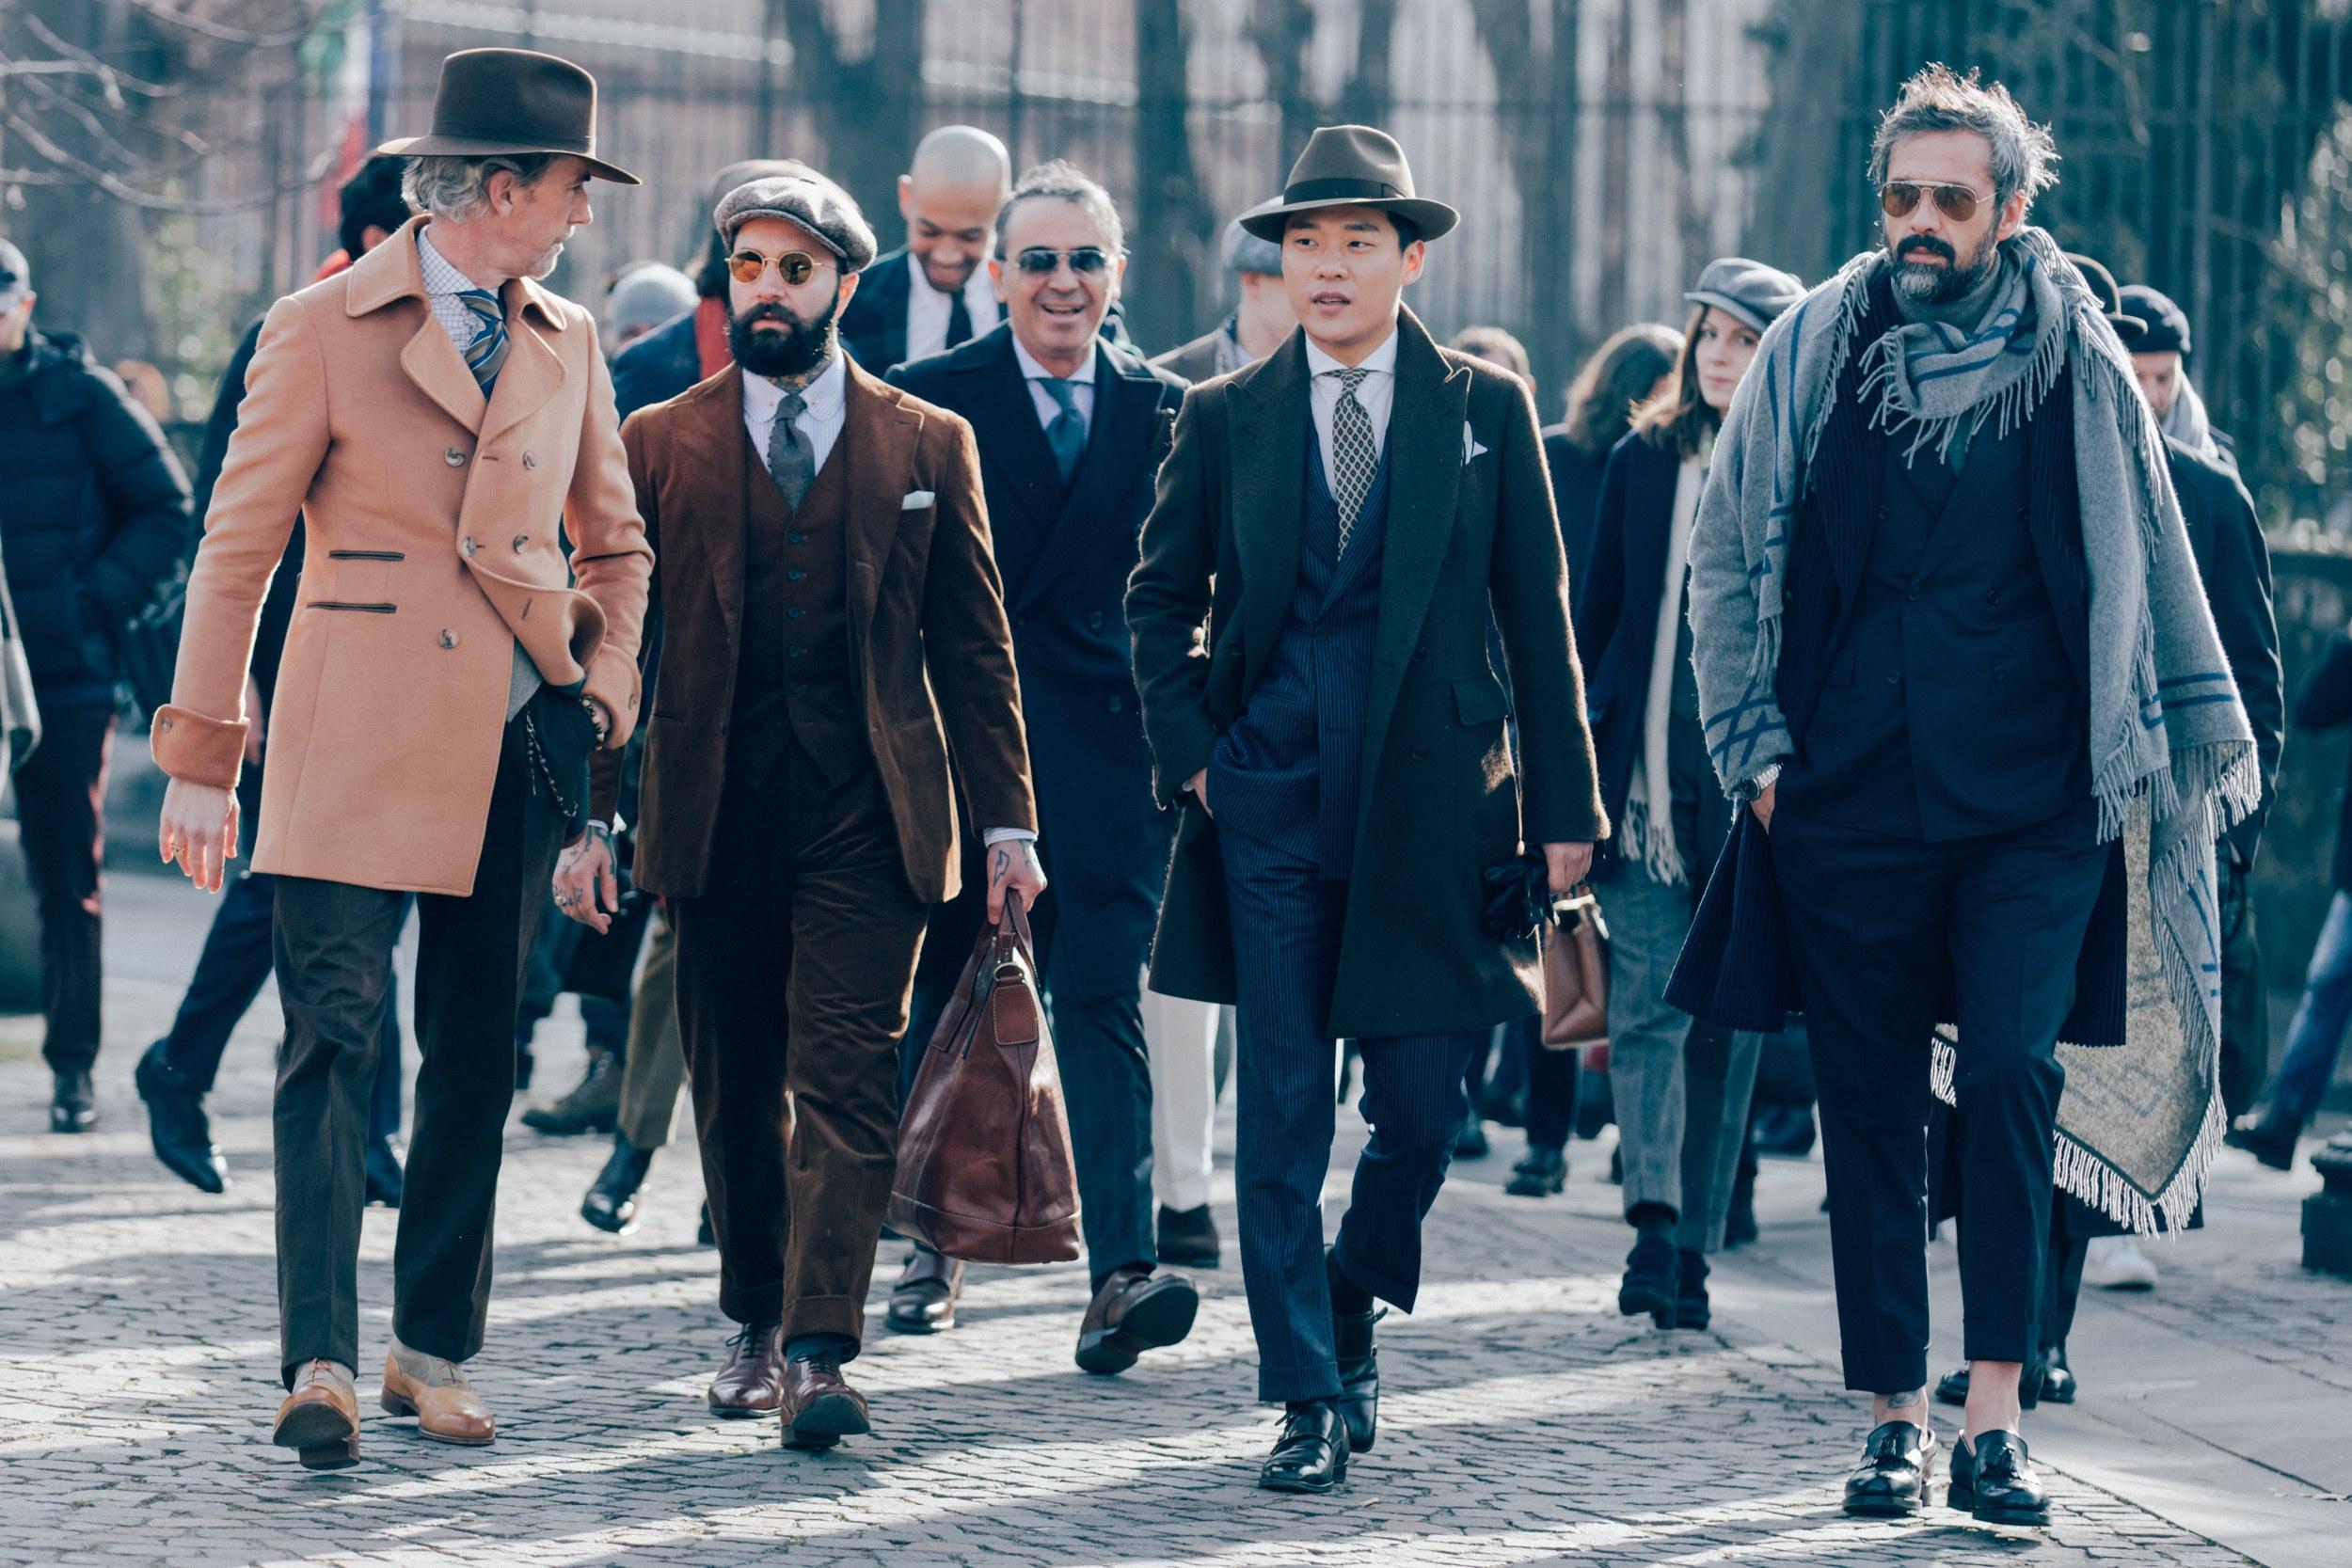 Du lịch Ý bạn sẽ được bước vào những con phố thời trang sang trọng bậc nhất thế giới. Ảnh: GQ